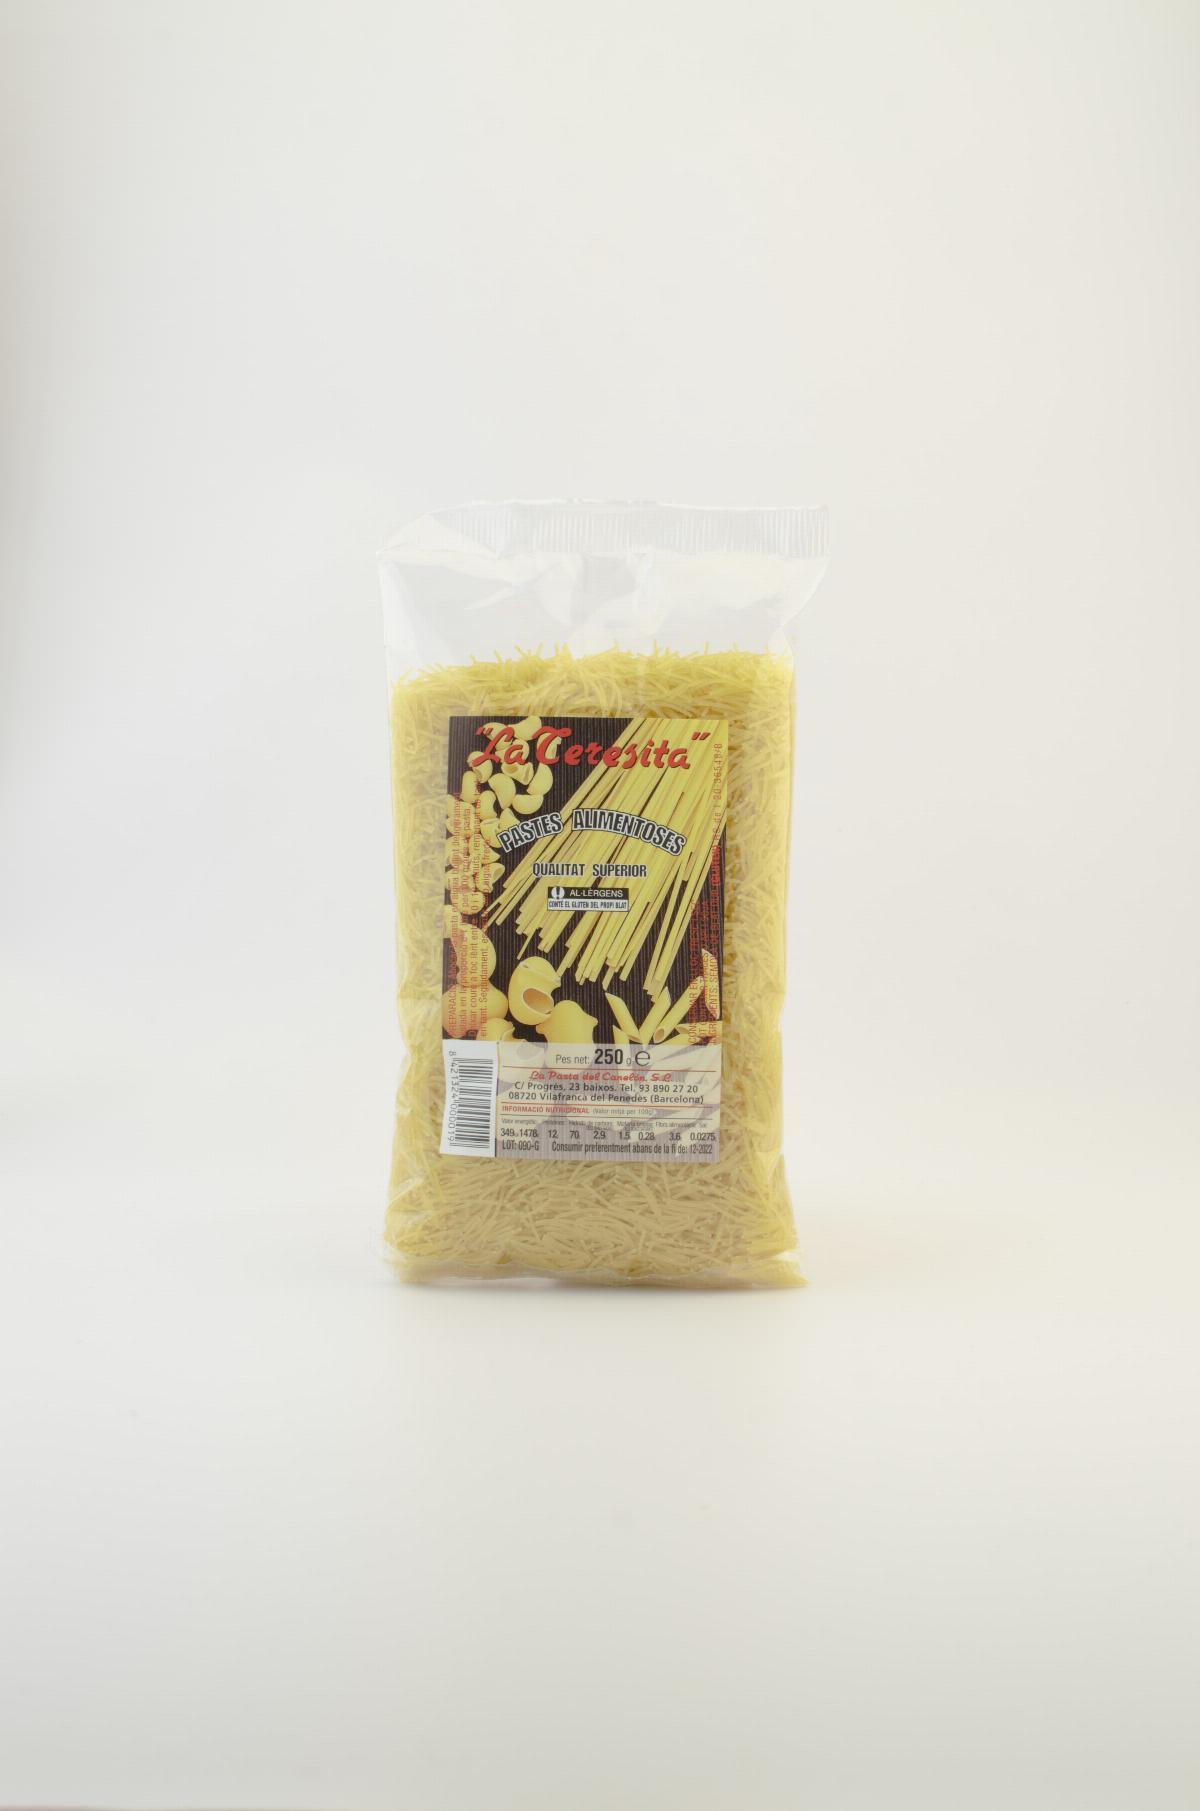 Pasta - Pâtes traditionnelles vermicelles cheveux d'ange La Teresita 250g - Mestral Cambrils